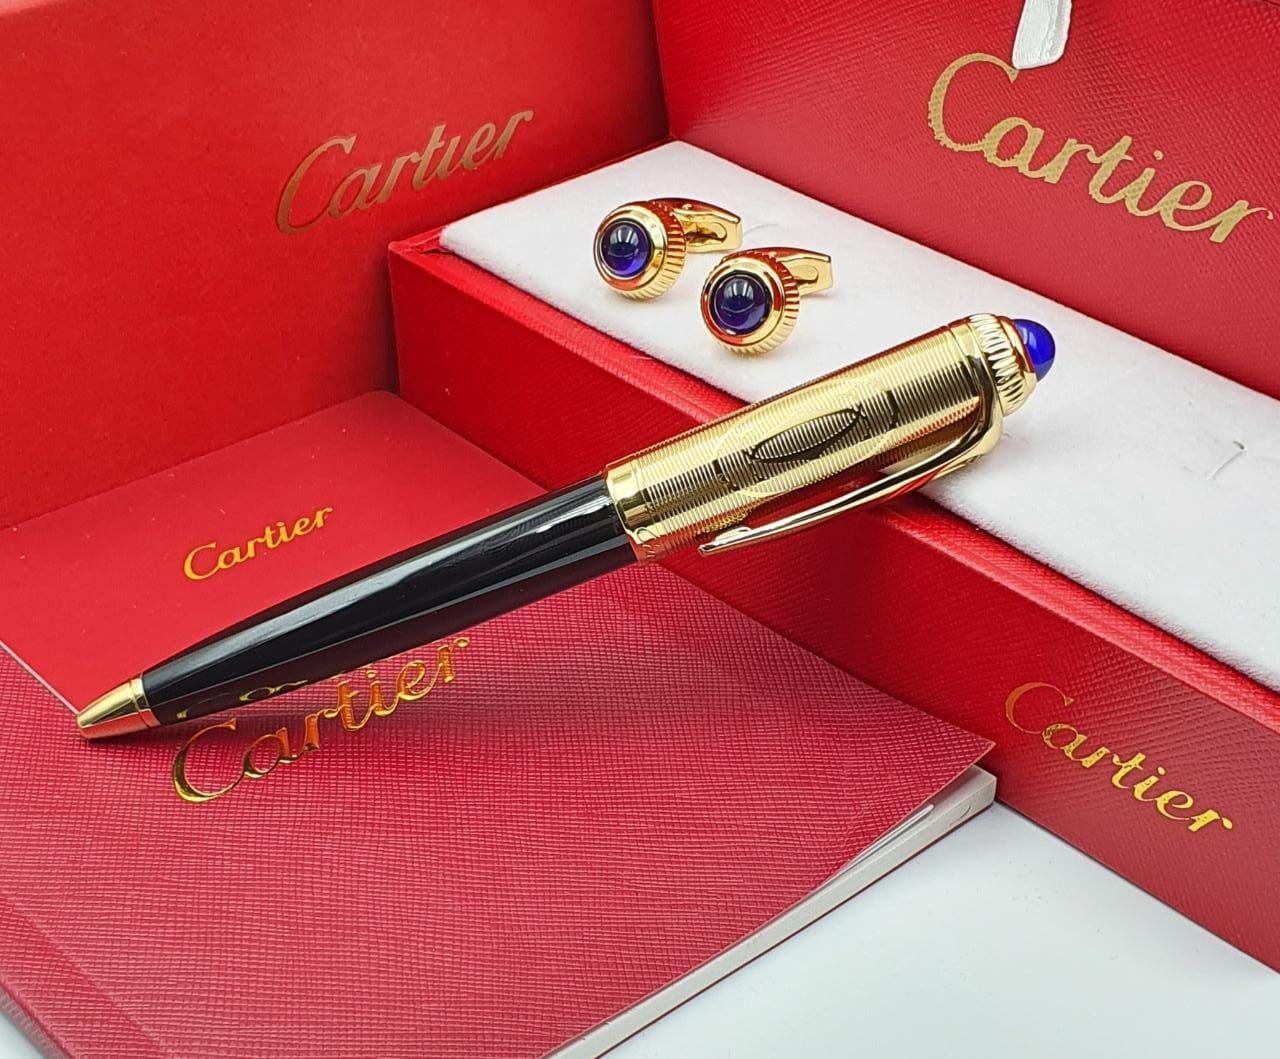 قلم ماركة كارتير درجة اولى